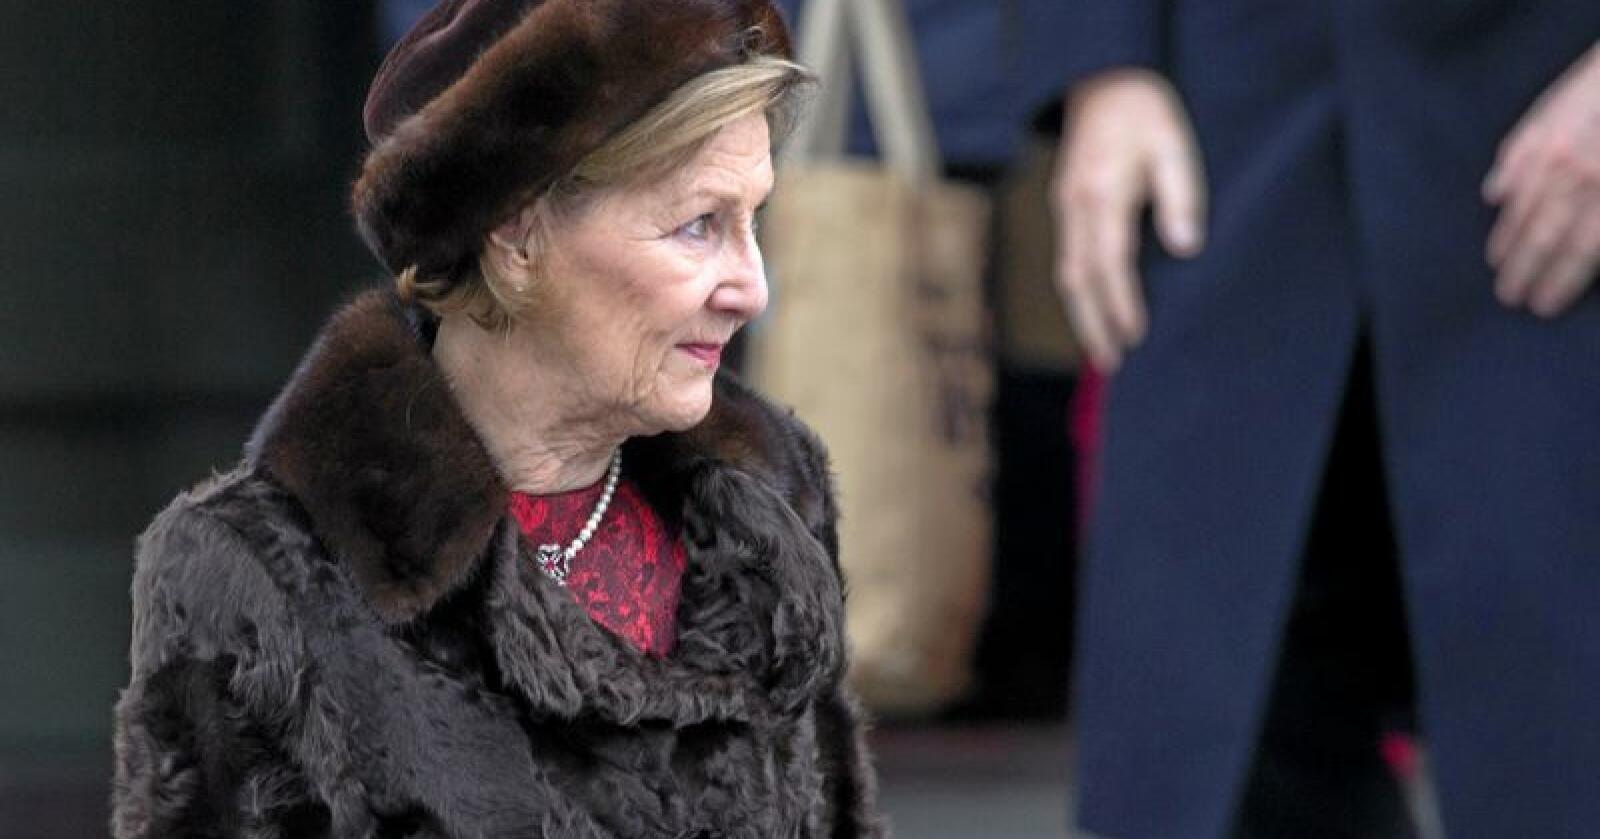 Med pels: Dronning Sonja på julegudstjeneste i 2017. Foto: Torstein Bøe / NTB scanpix